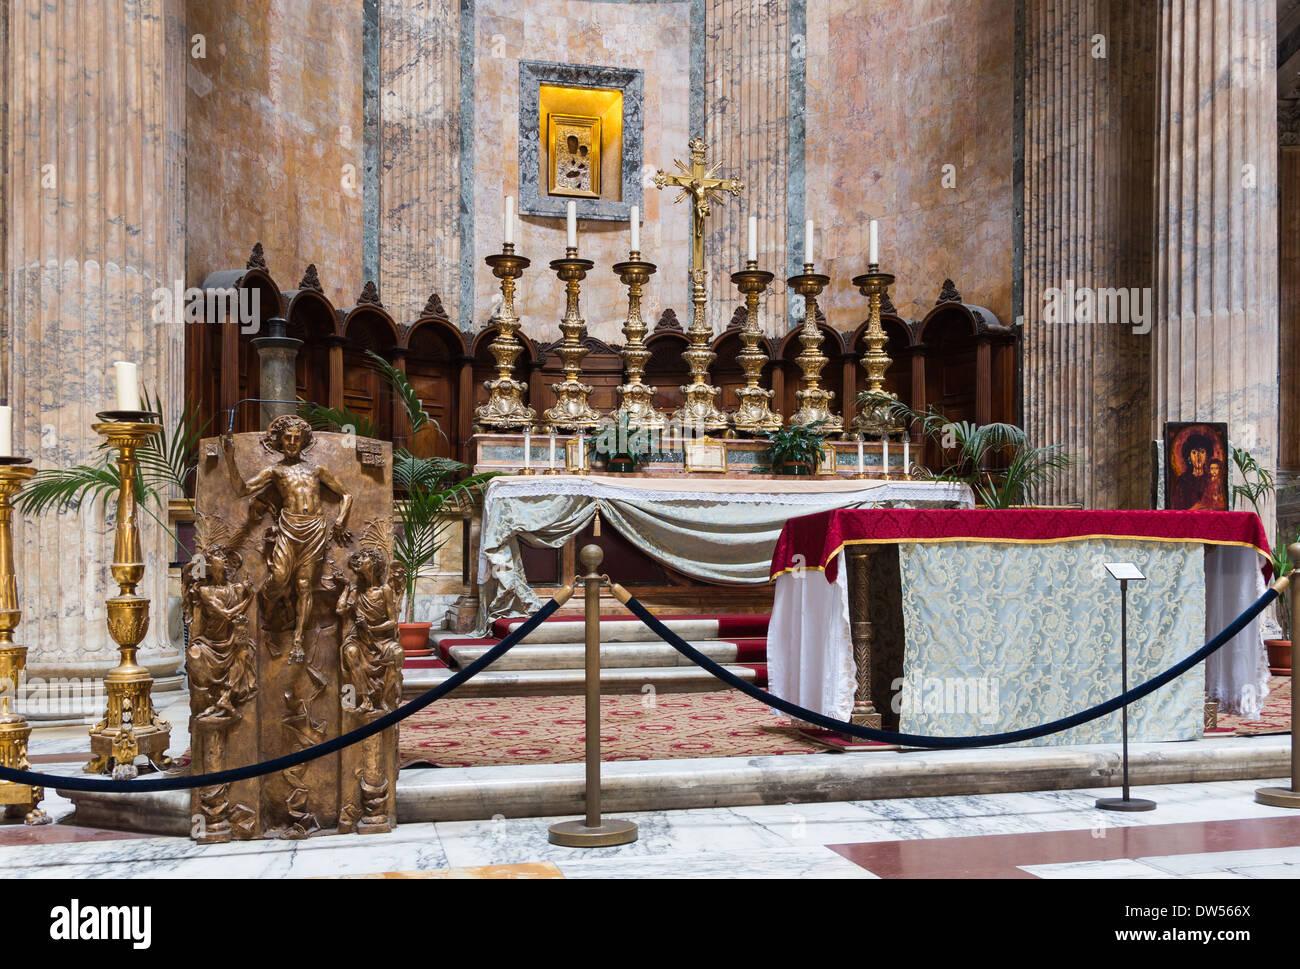 L'autel principal de l'église Sancta Maria ad Martires (le Panthéon), à Rome, Italie. Photo Stock